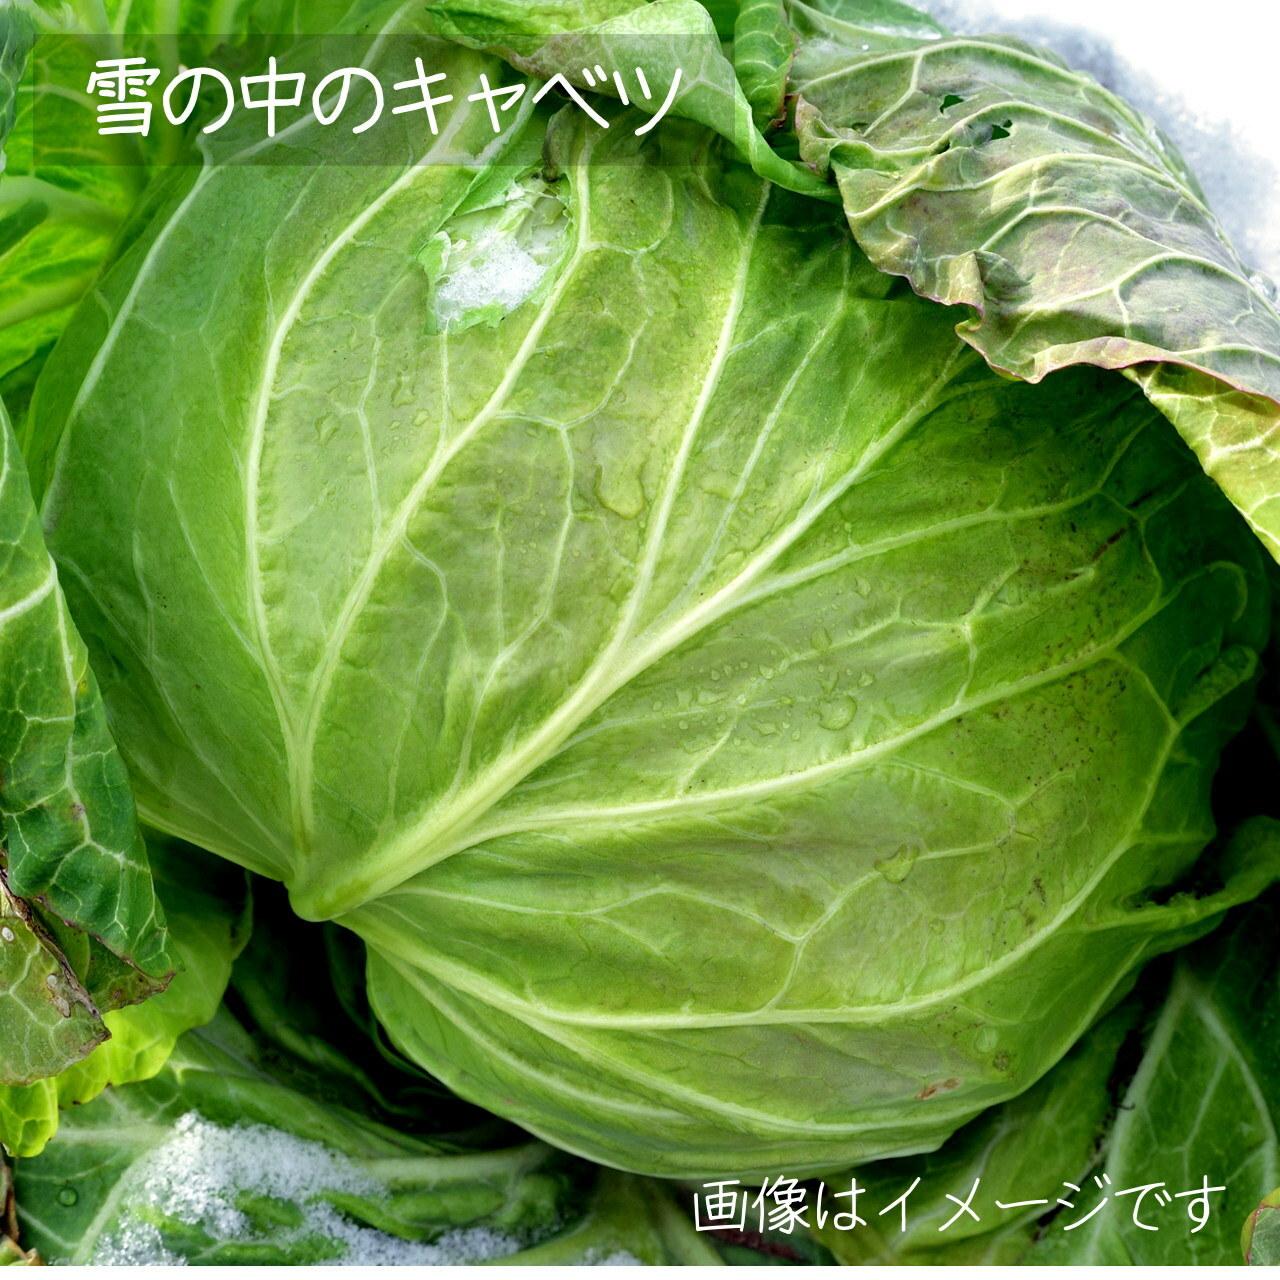 11月の朝採り直売野菜 : キャベツ 1個 新鮮な秋野菜 11月16日発送予定